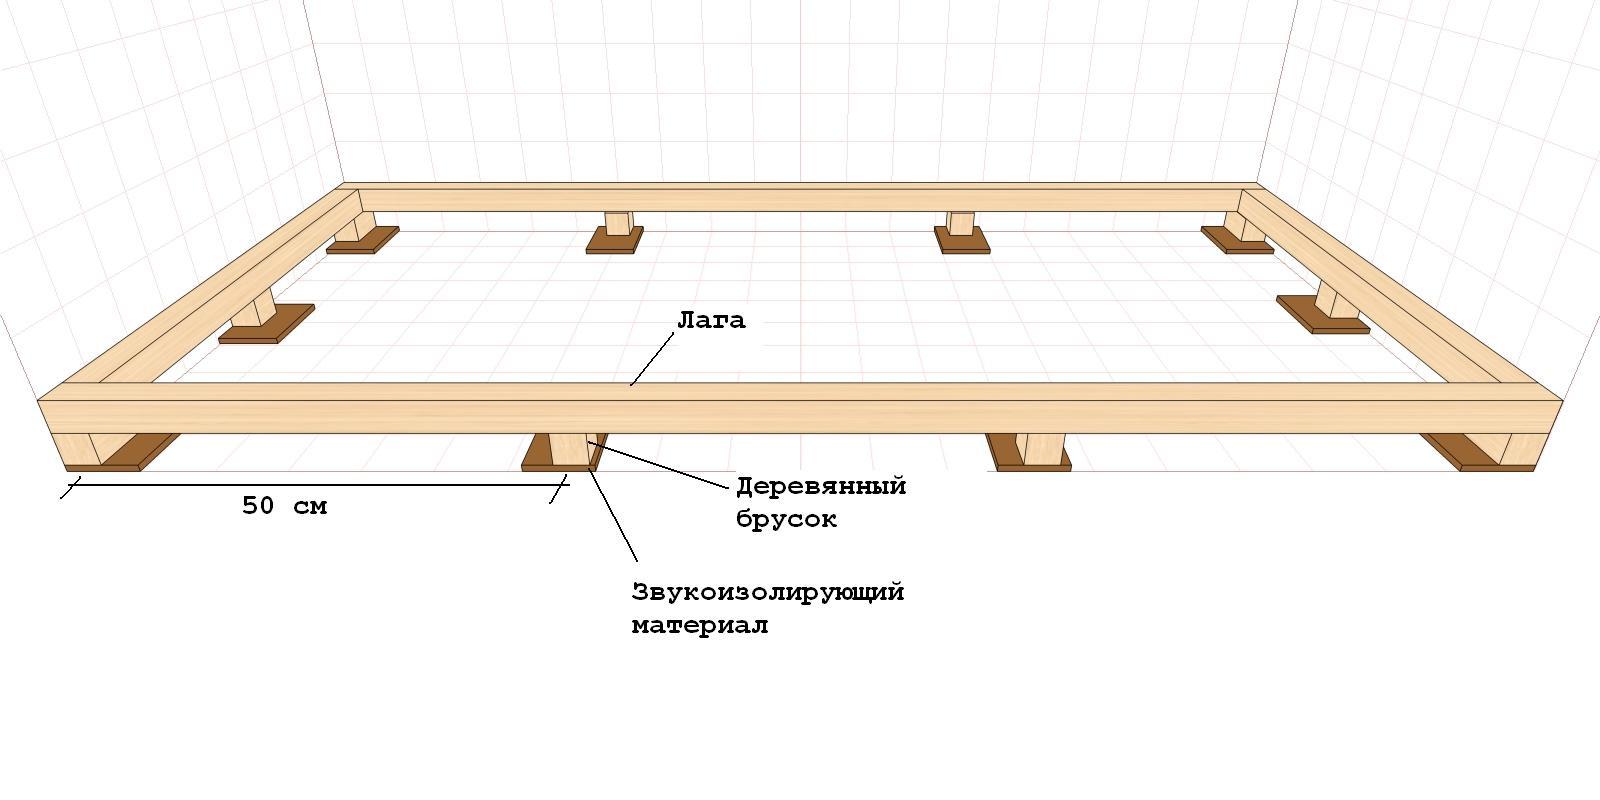 Как правильно настелить деревянные полы: инструкция.